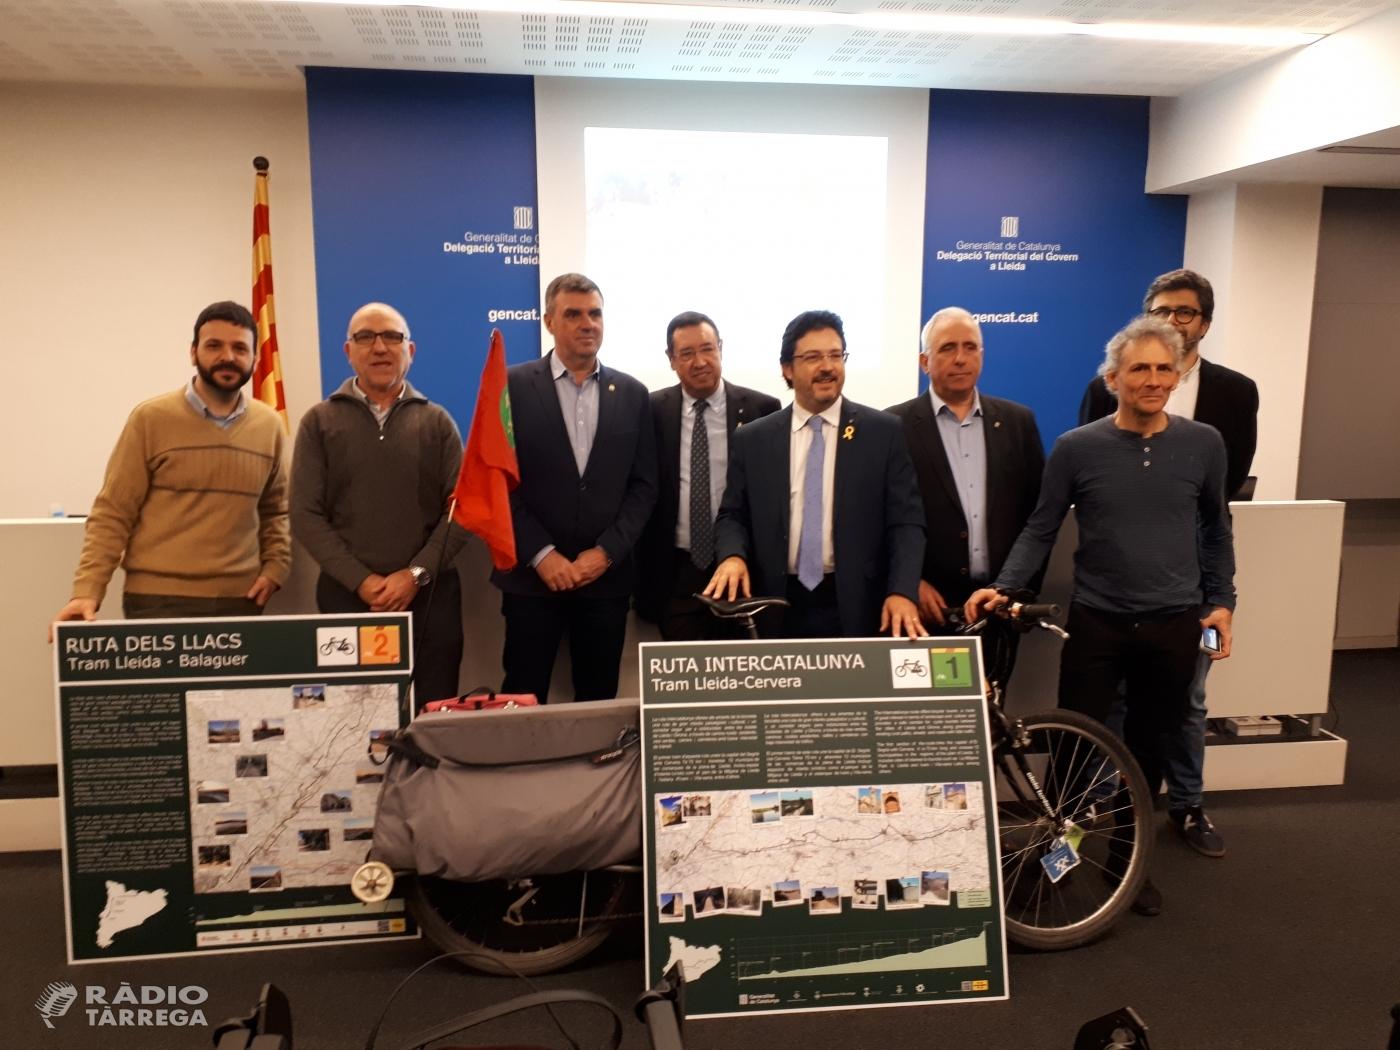 Està ja en funcionament el primer tram de la Via InterCataunya (Lleida-Girona), entre Lleida i Cervera